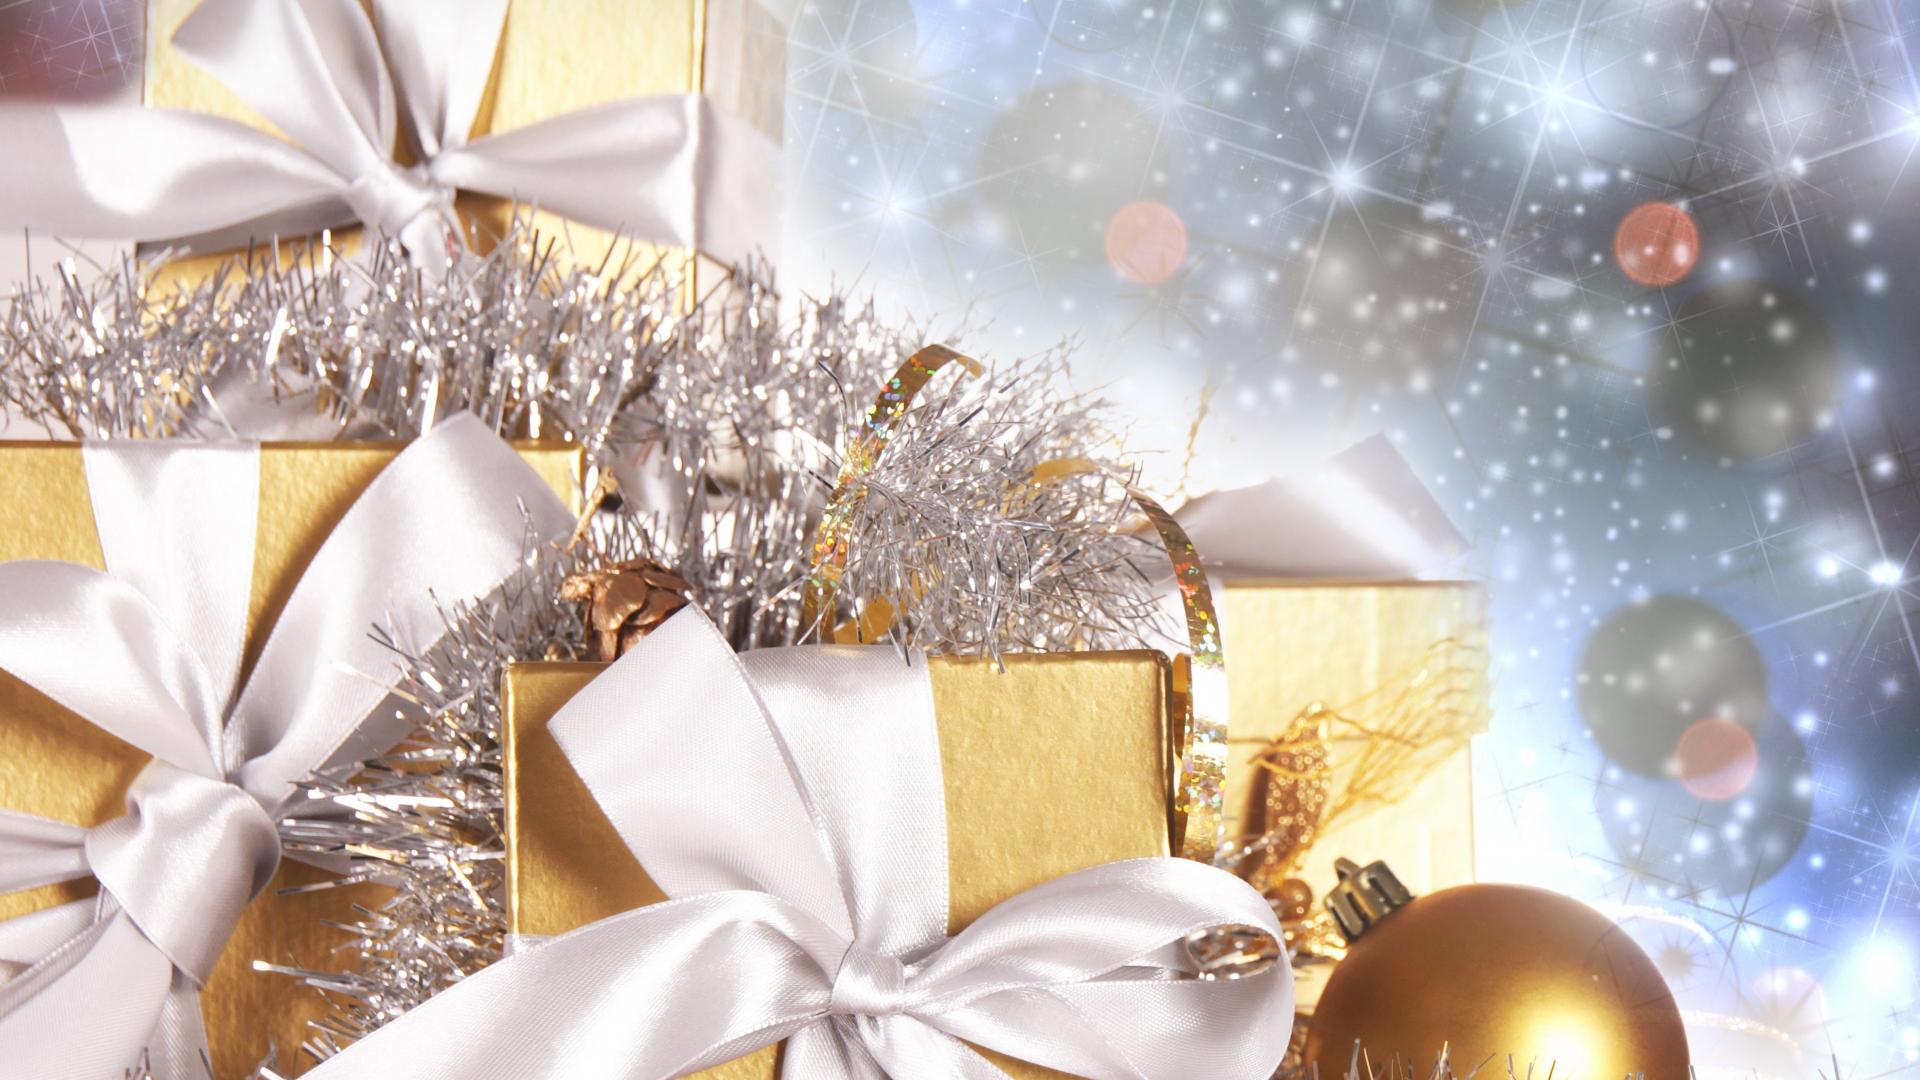 Bộ Sưu Tập Ảnh Giáng Sinh - Page 4 Christmasgifts220